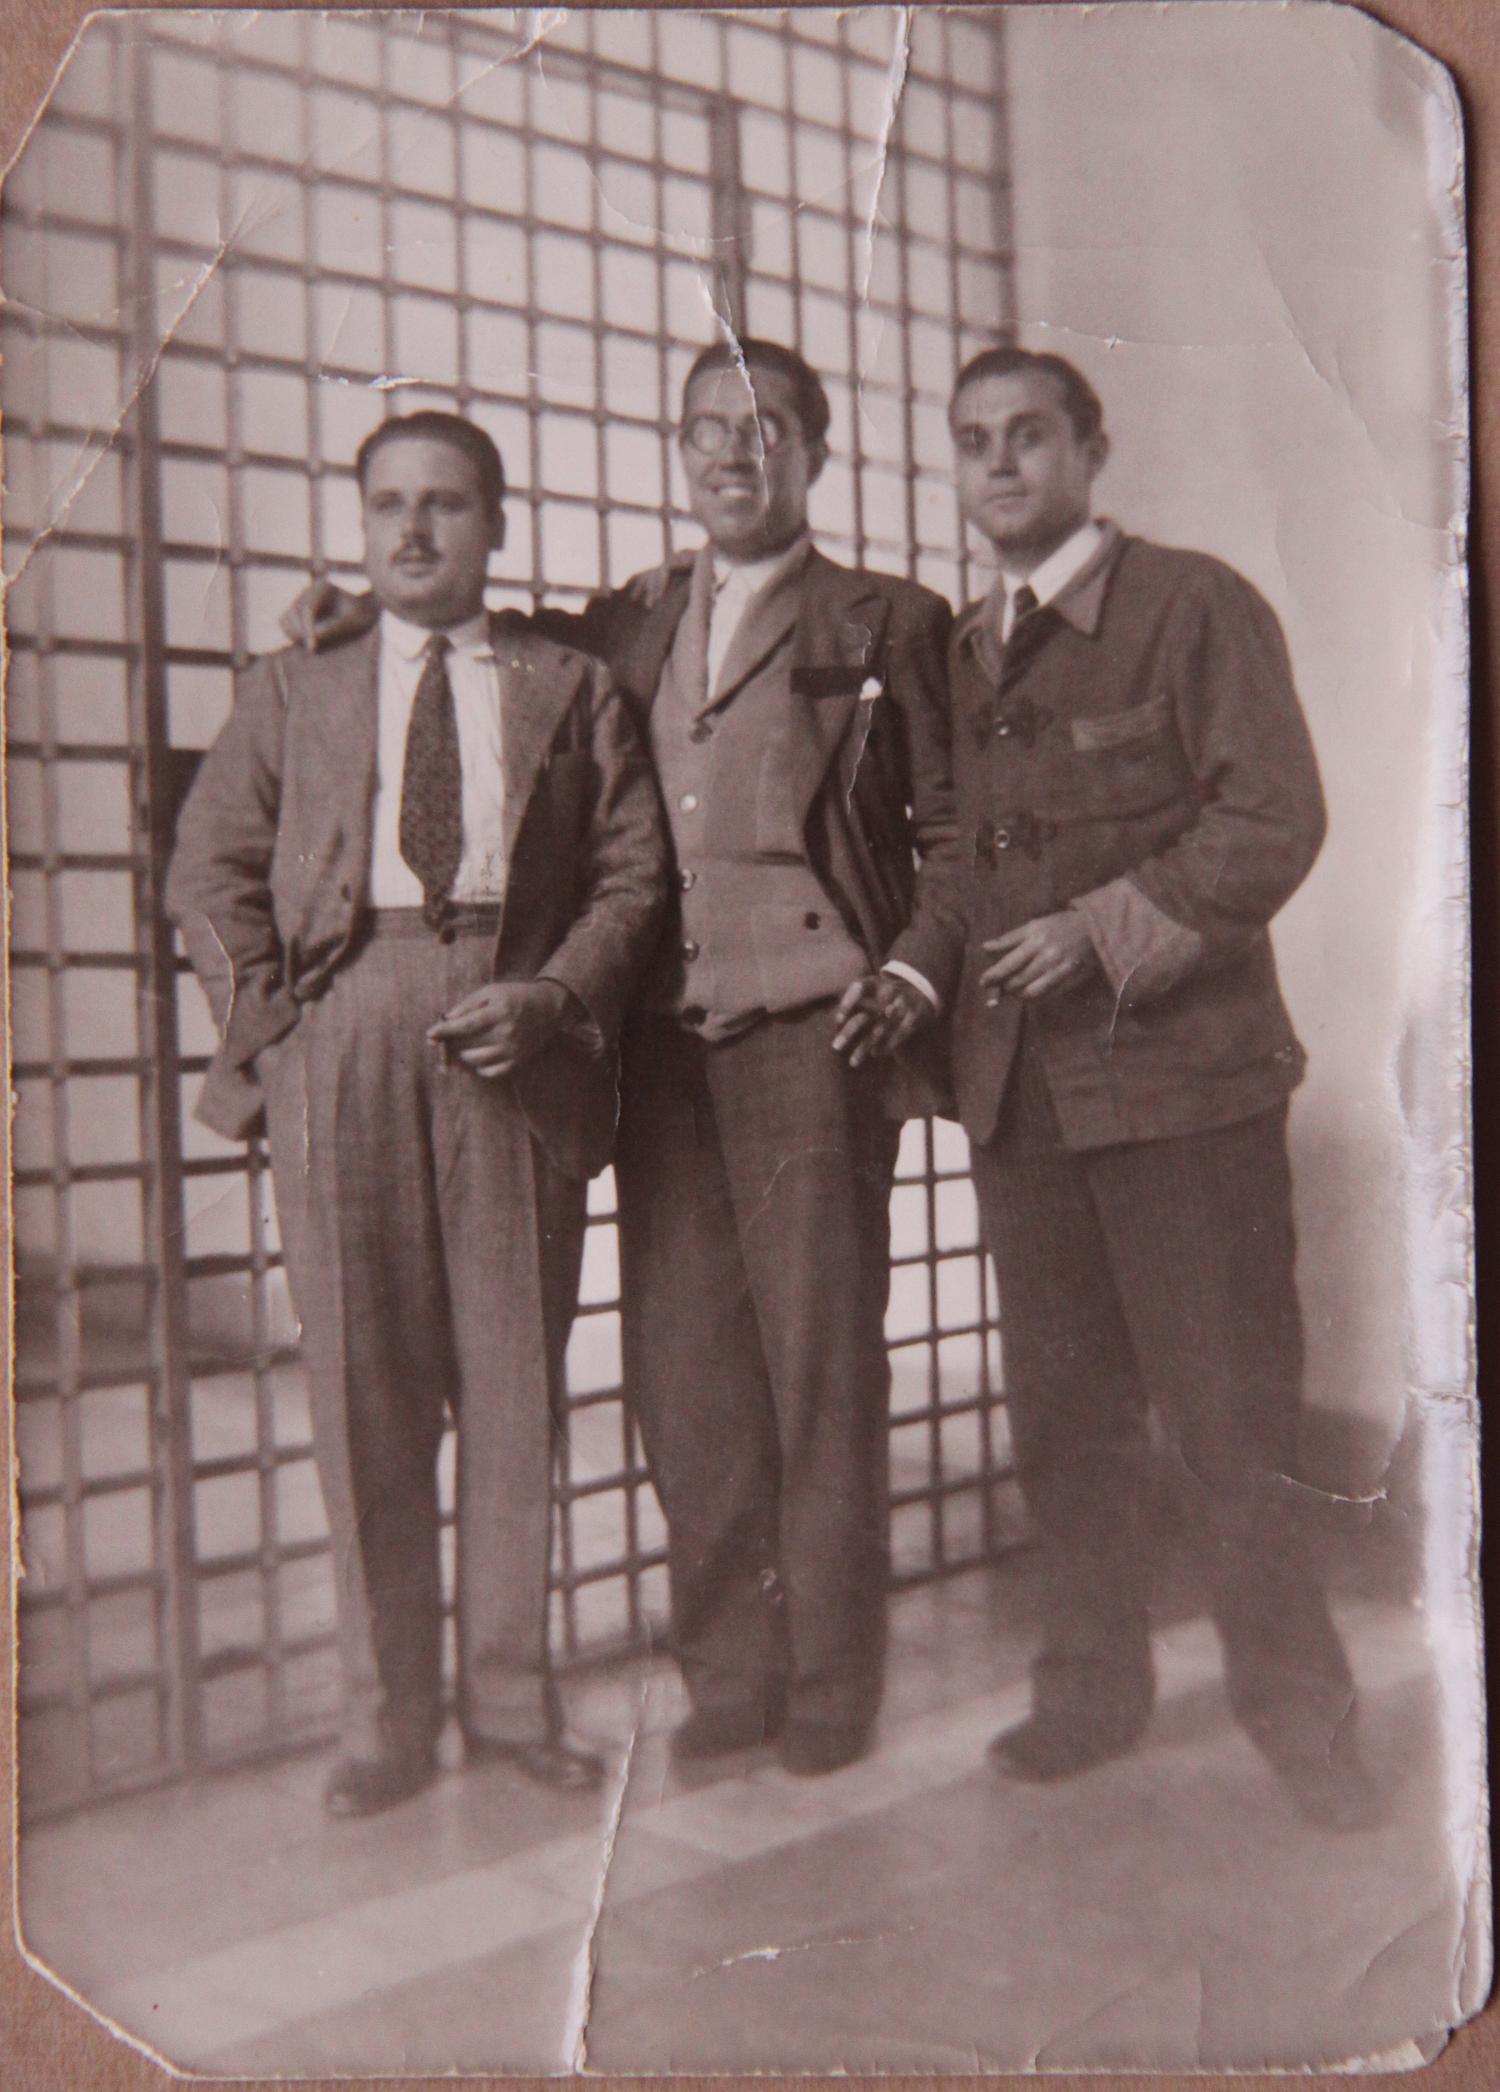 José Ponce, en el centro encarcelado en al prisión de Huelva, tras la revolución de octubre de 1934.